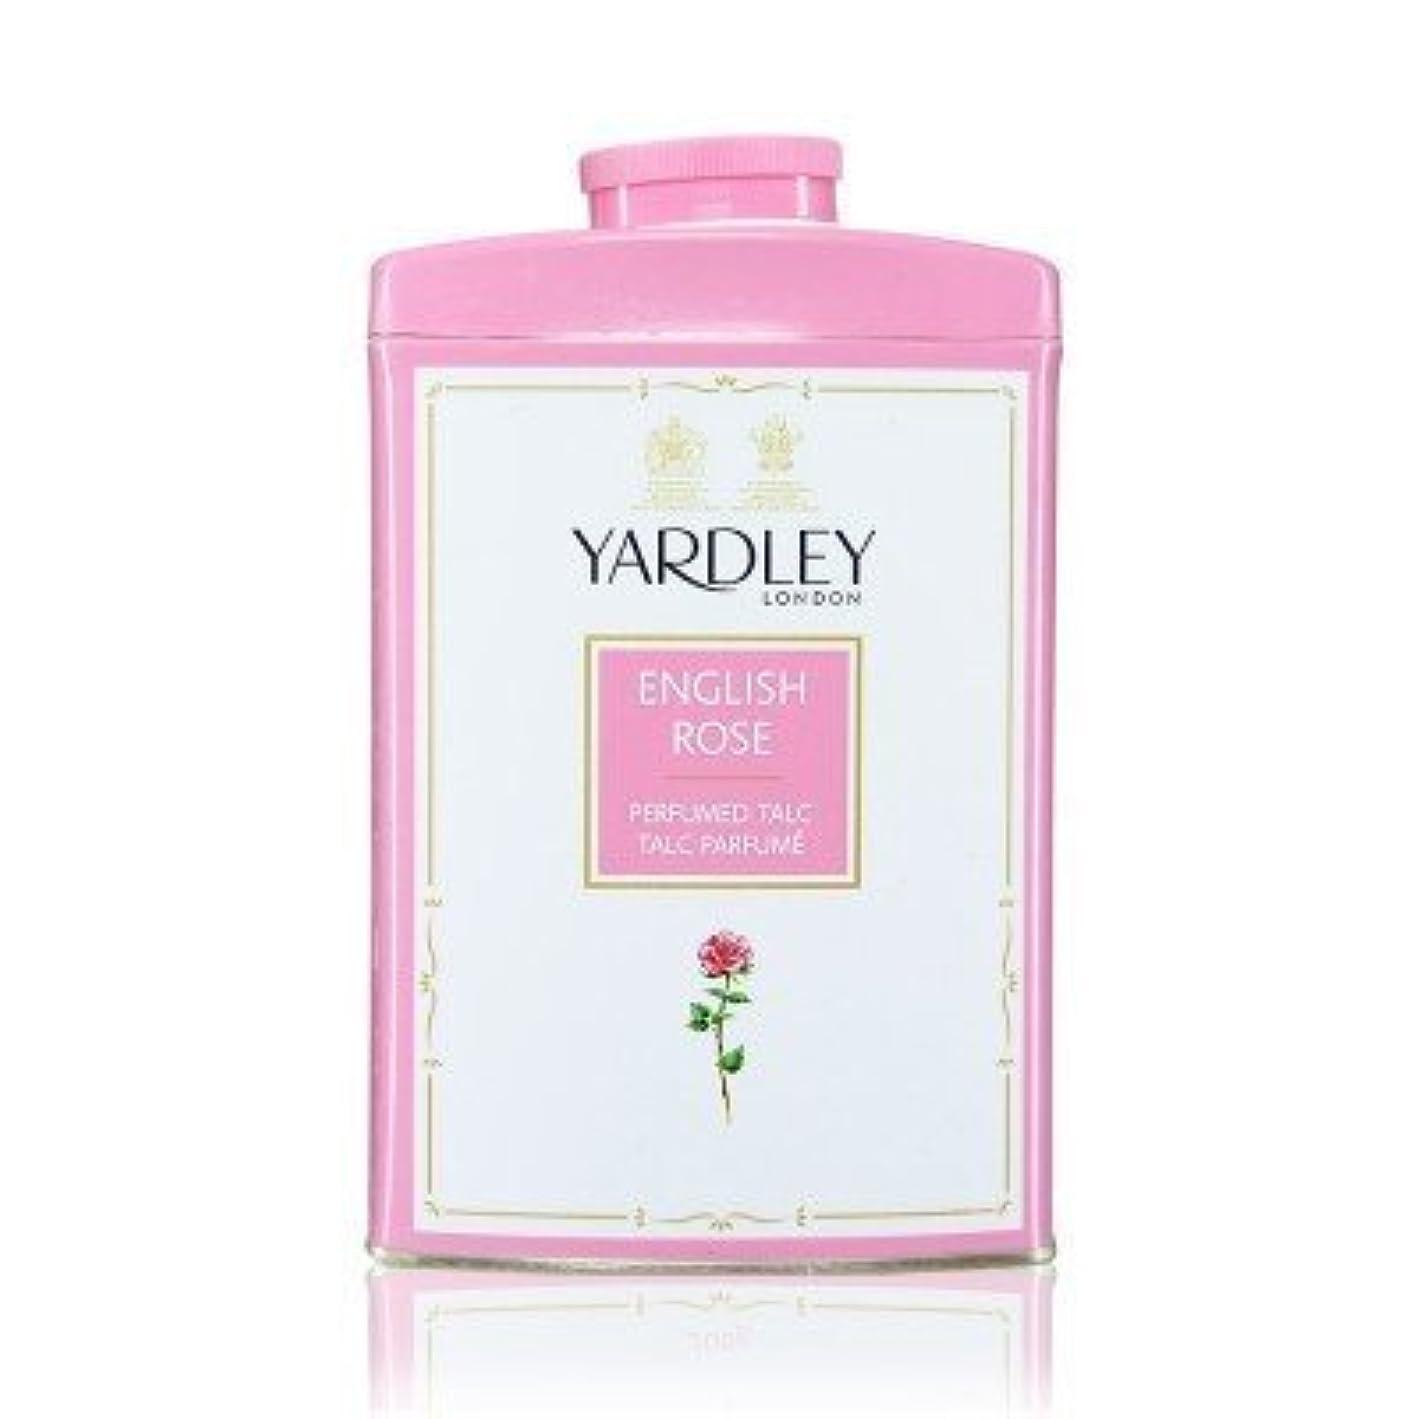 分析する批判的にサーキュレーションYardley English Rose Perfumed Talc, 250 g by Yardley [並行輸入品]